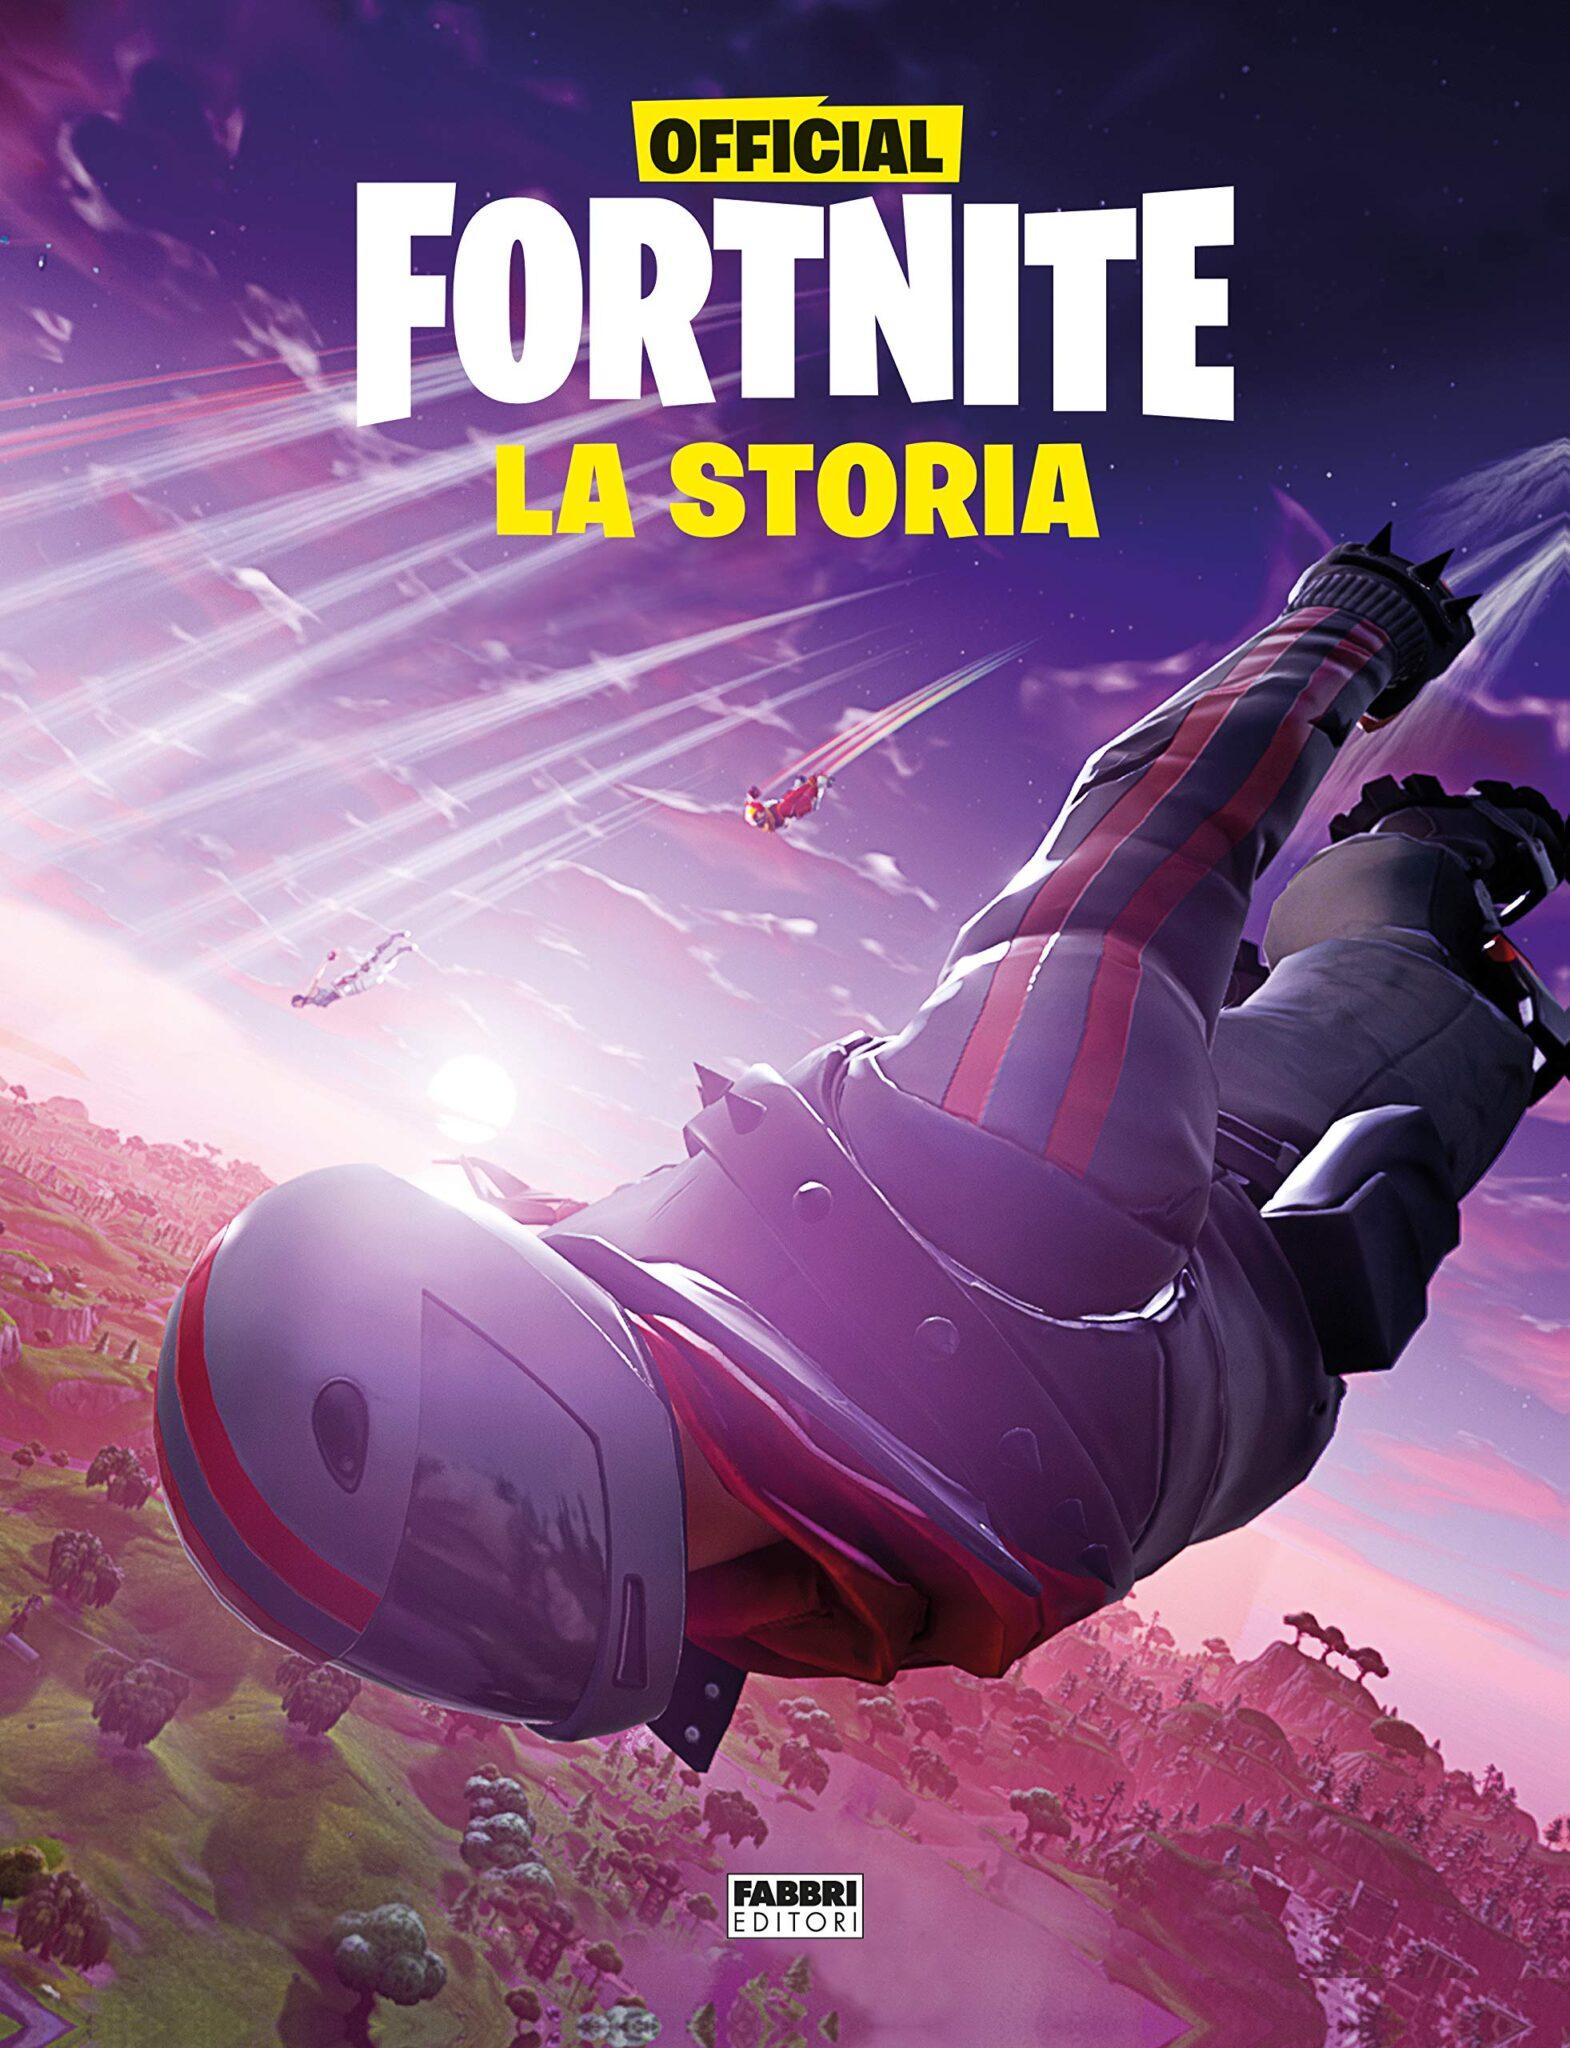 Recensione di Official Fortnite. La Storia – AA VV